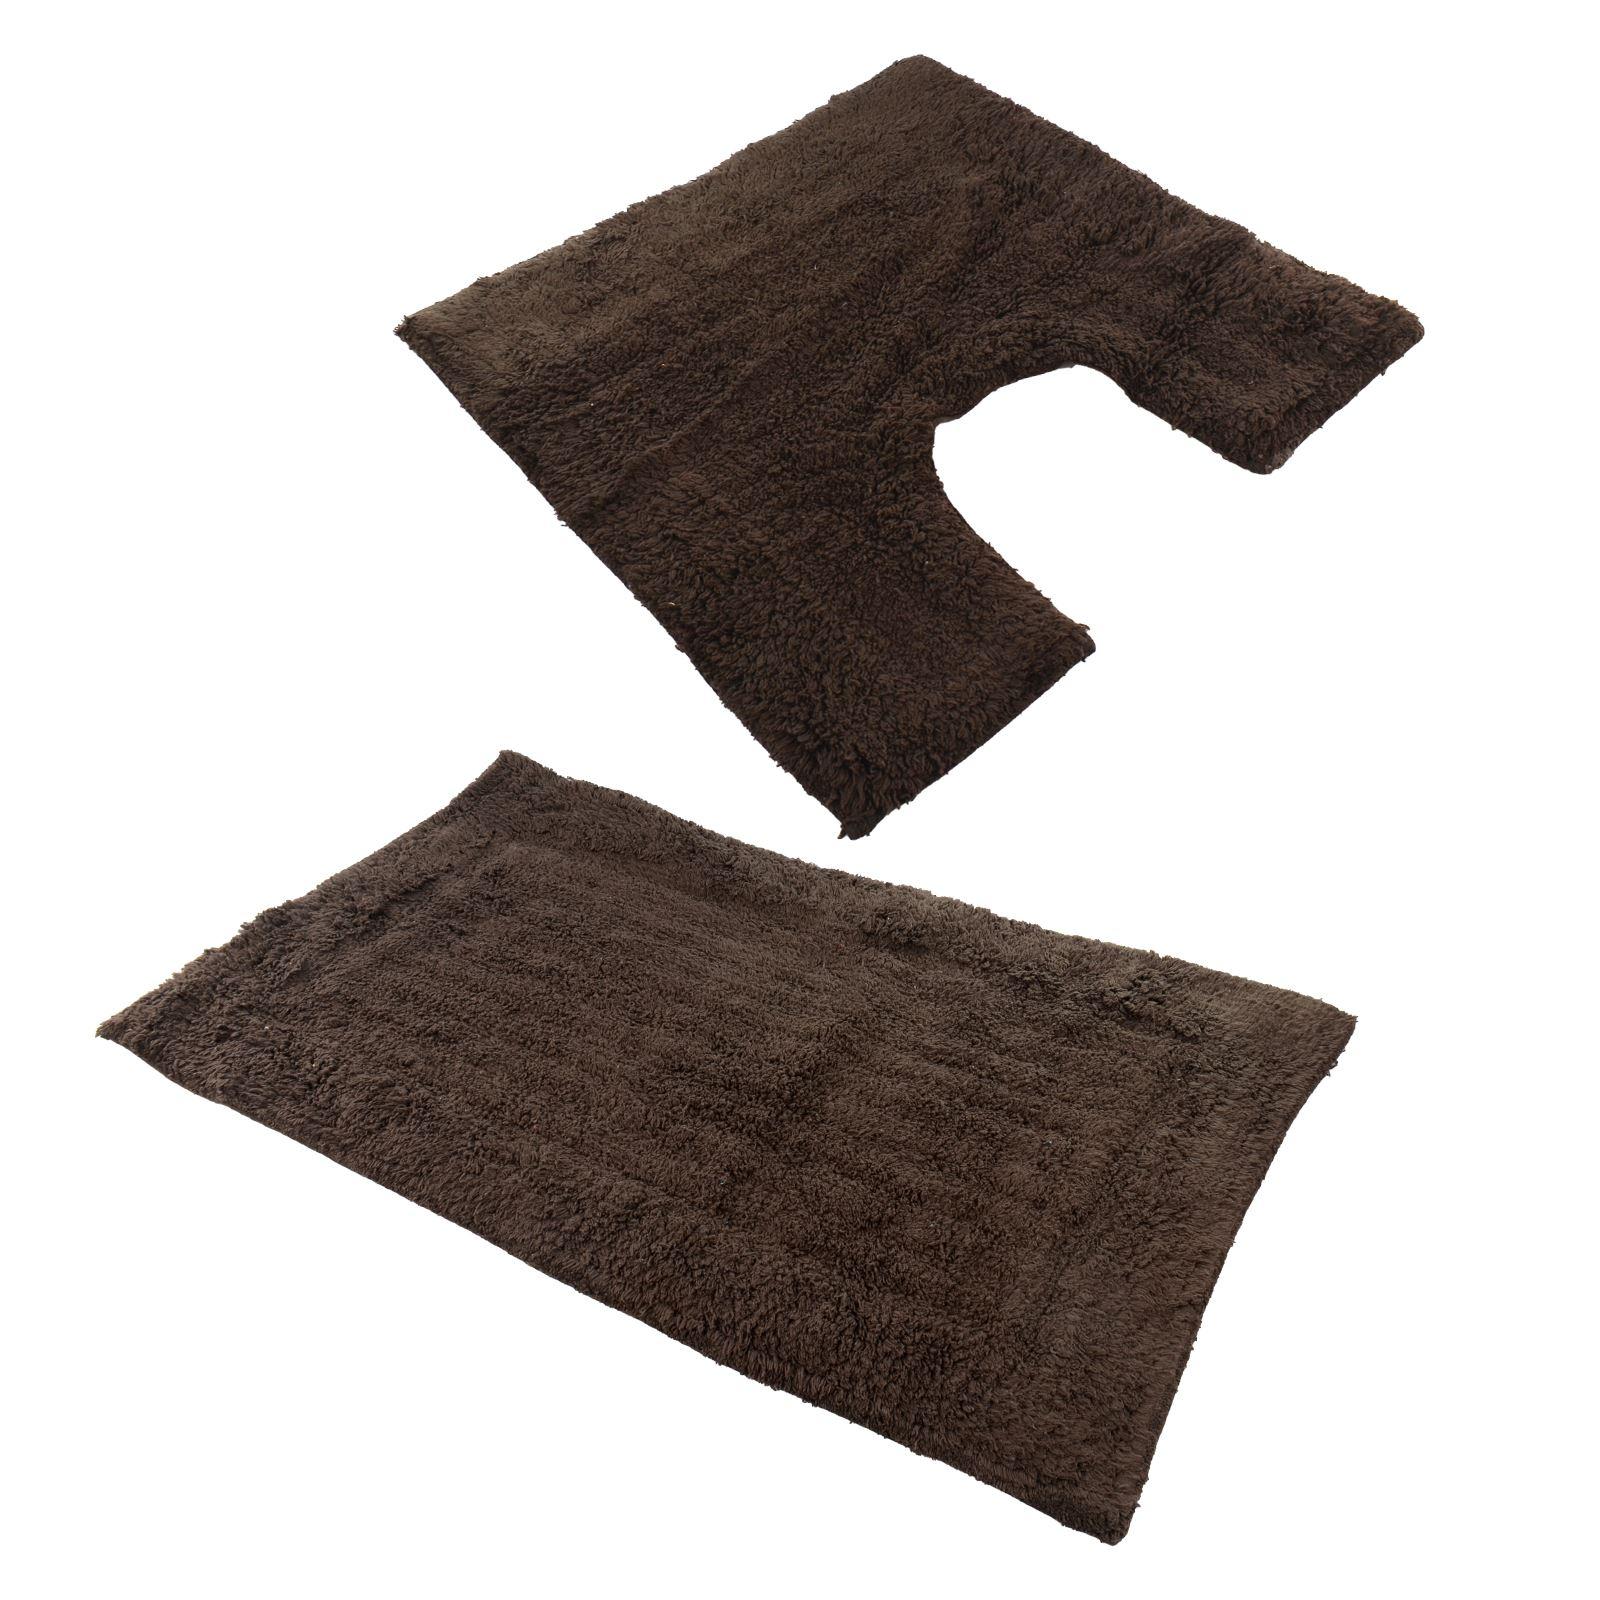 New Cotton 2 Piece Bath Mat And Pedestal Set Non Slip Washable 9 Colours